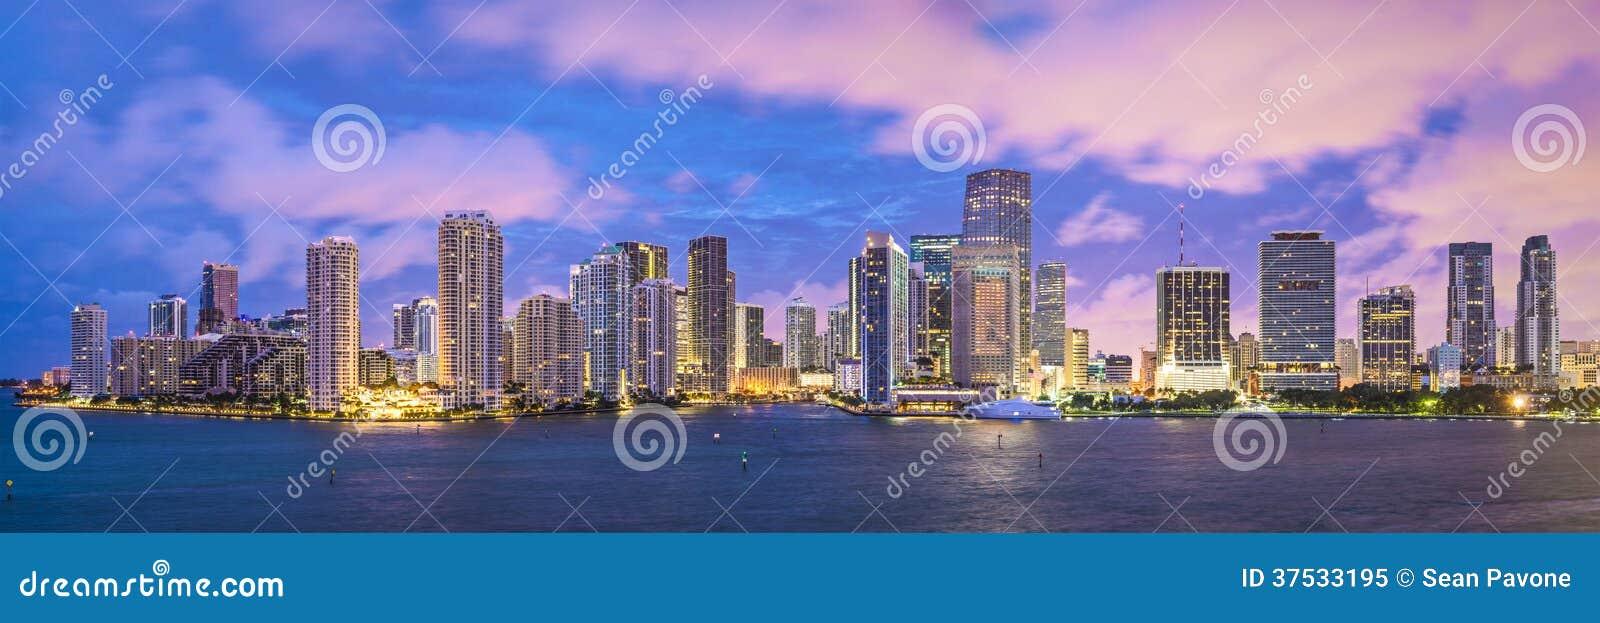 miami skyline stock image  image of dade  cityscape  dusk